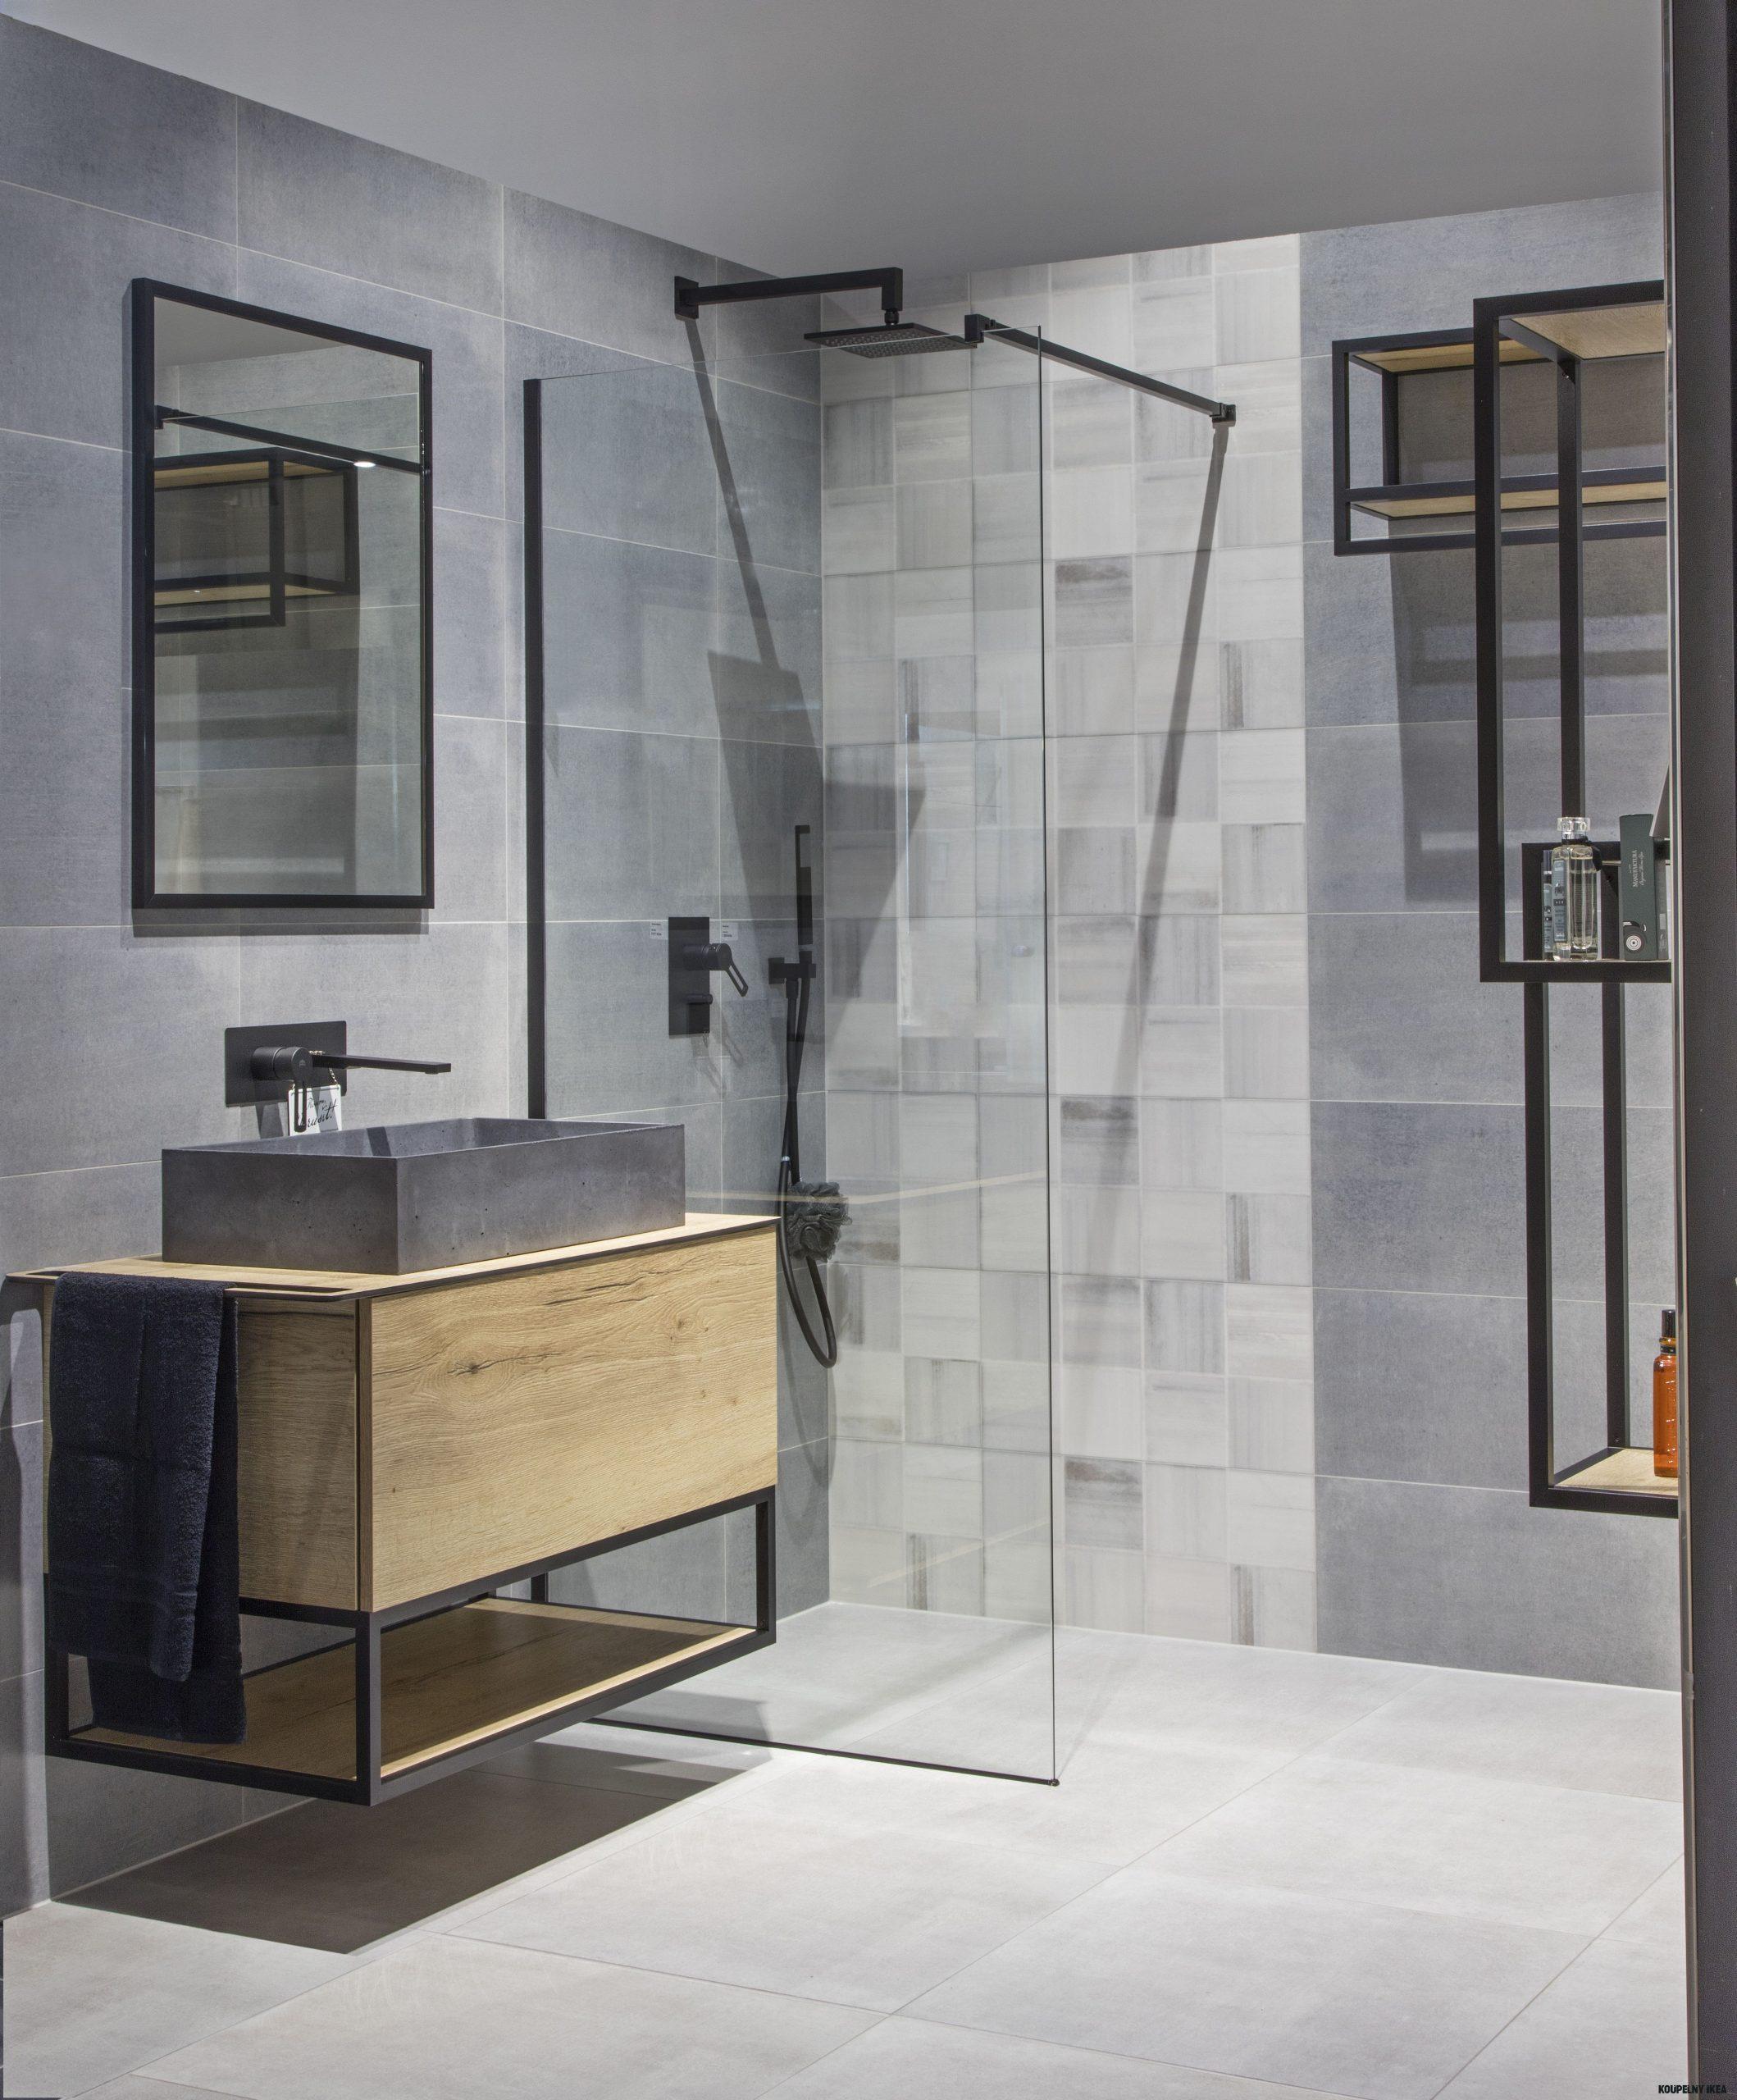 Stylové řešení Beton koupelna  SIKO KOUPELNY & KUCHYNĚ  Ikea